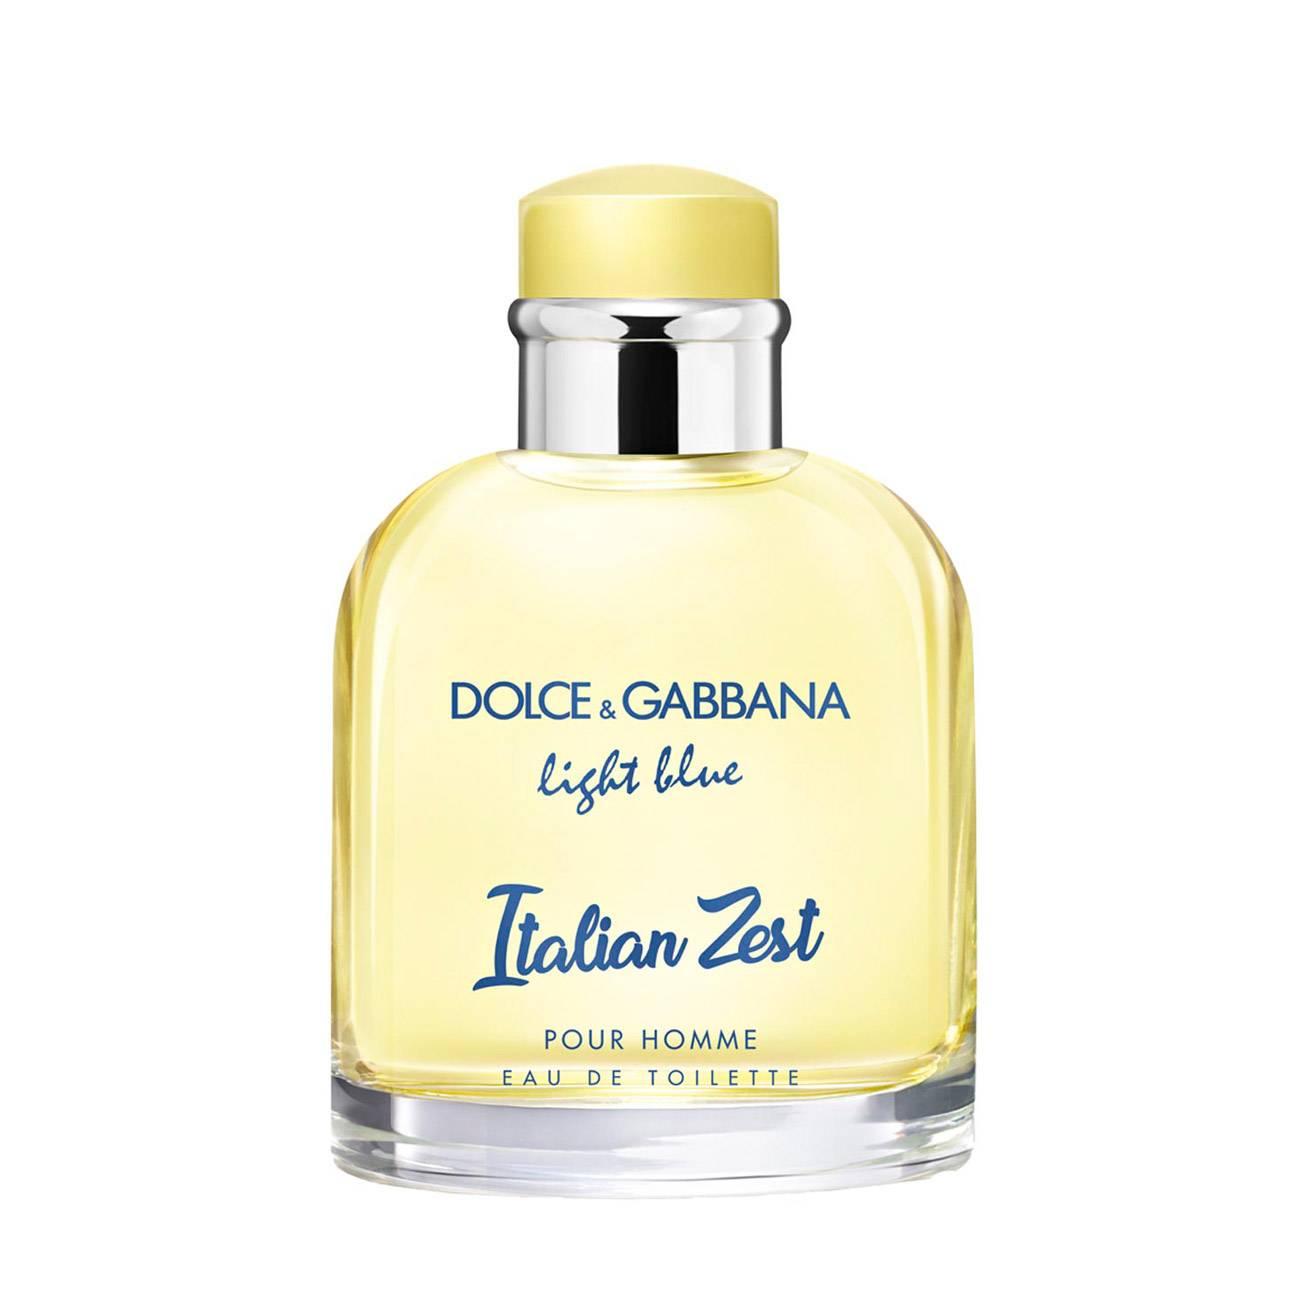 LIGHT BLUE ITALIAN ZEST POUR HOMME 125ml